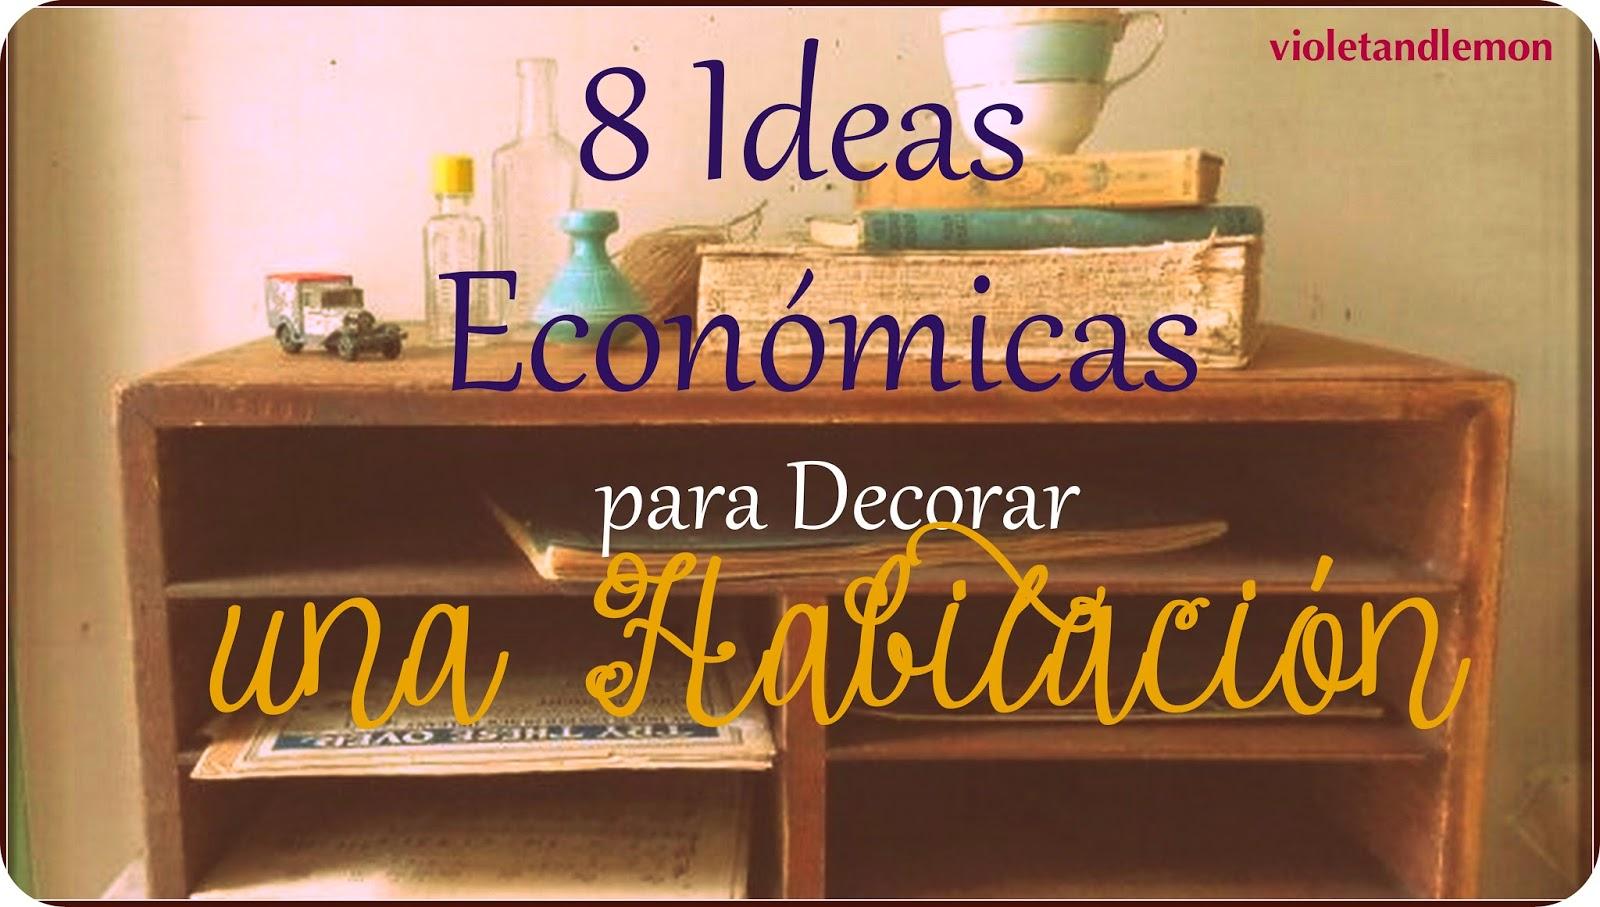 Violeta y lim n 8 ideas econ micas para decorar una for Ideas para decorar tu casa economicas